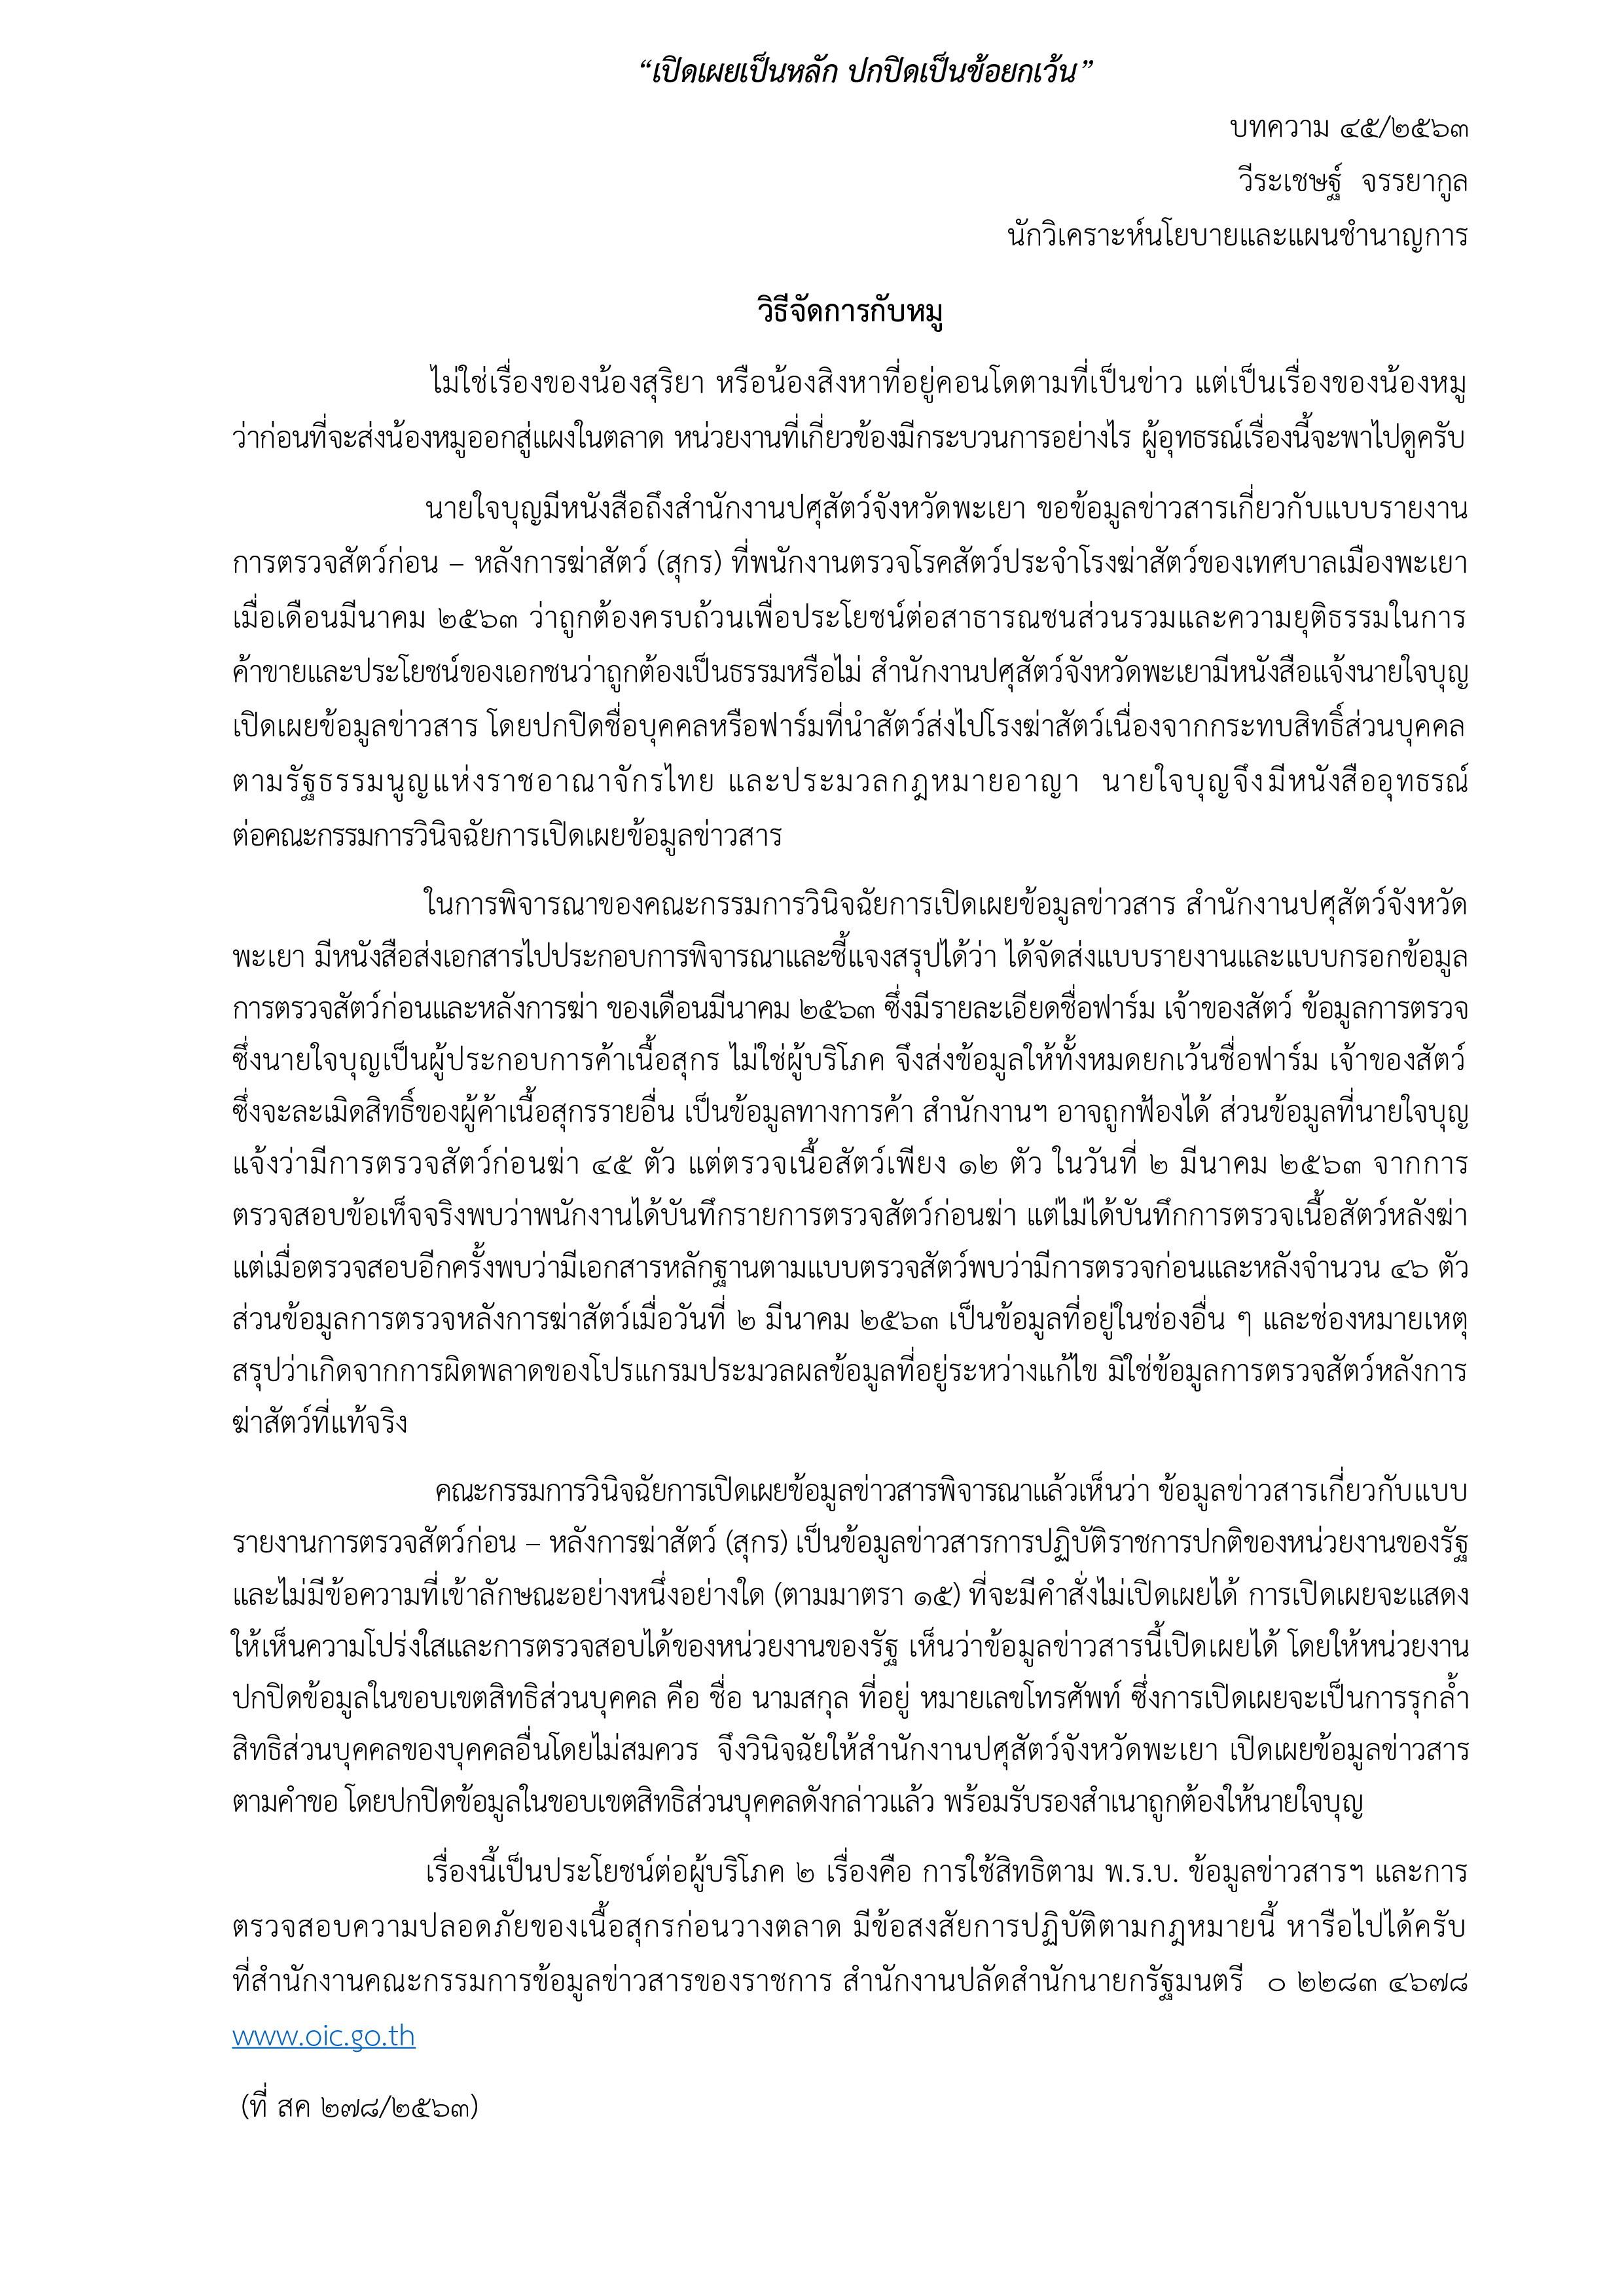 การเผยแพร่ความรู้เกี่ยวกับพระราชบัญญัติข้อมูลข่าวสารของราชการ พ.ศ.2540